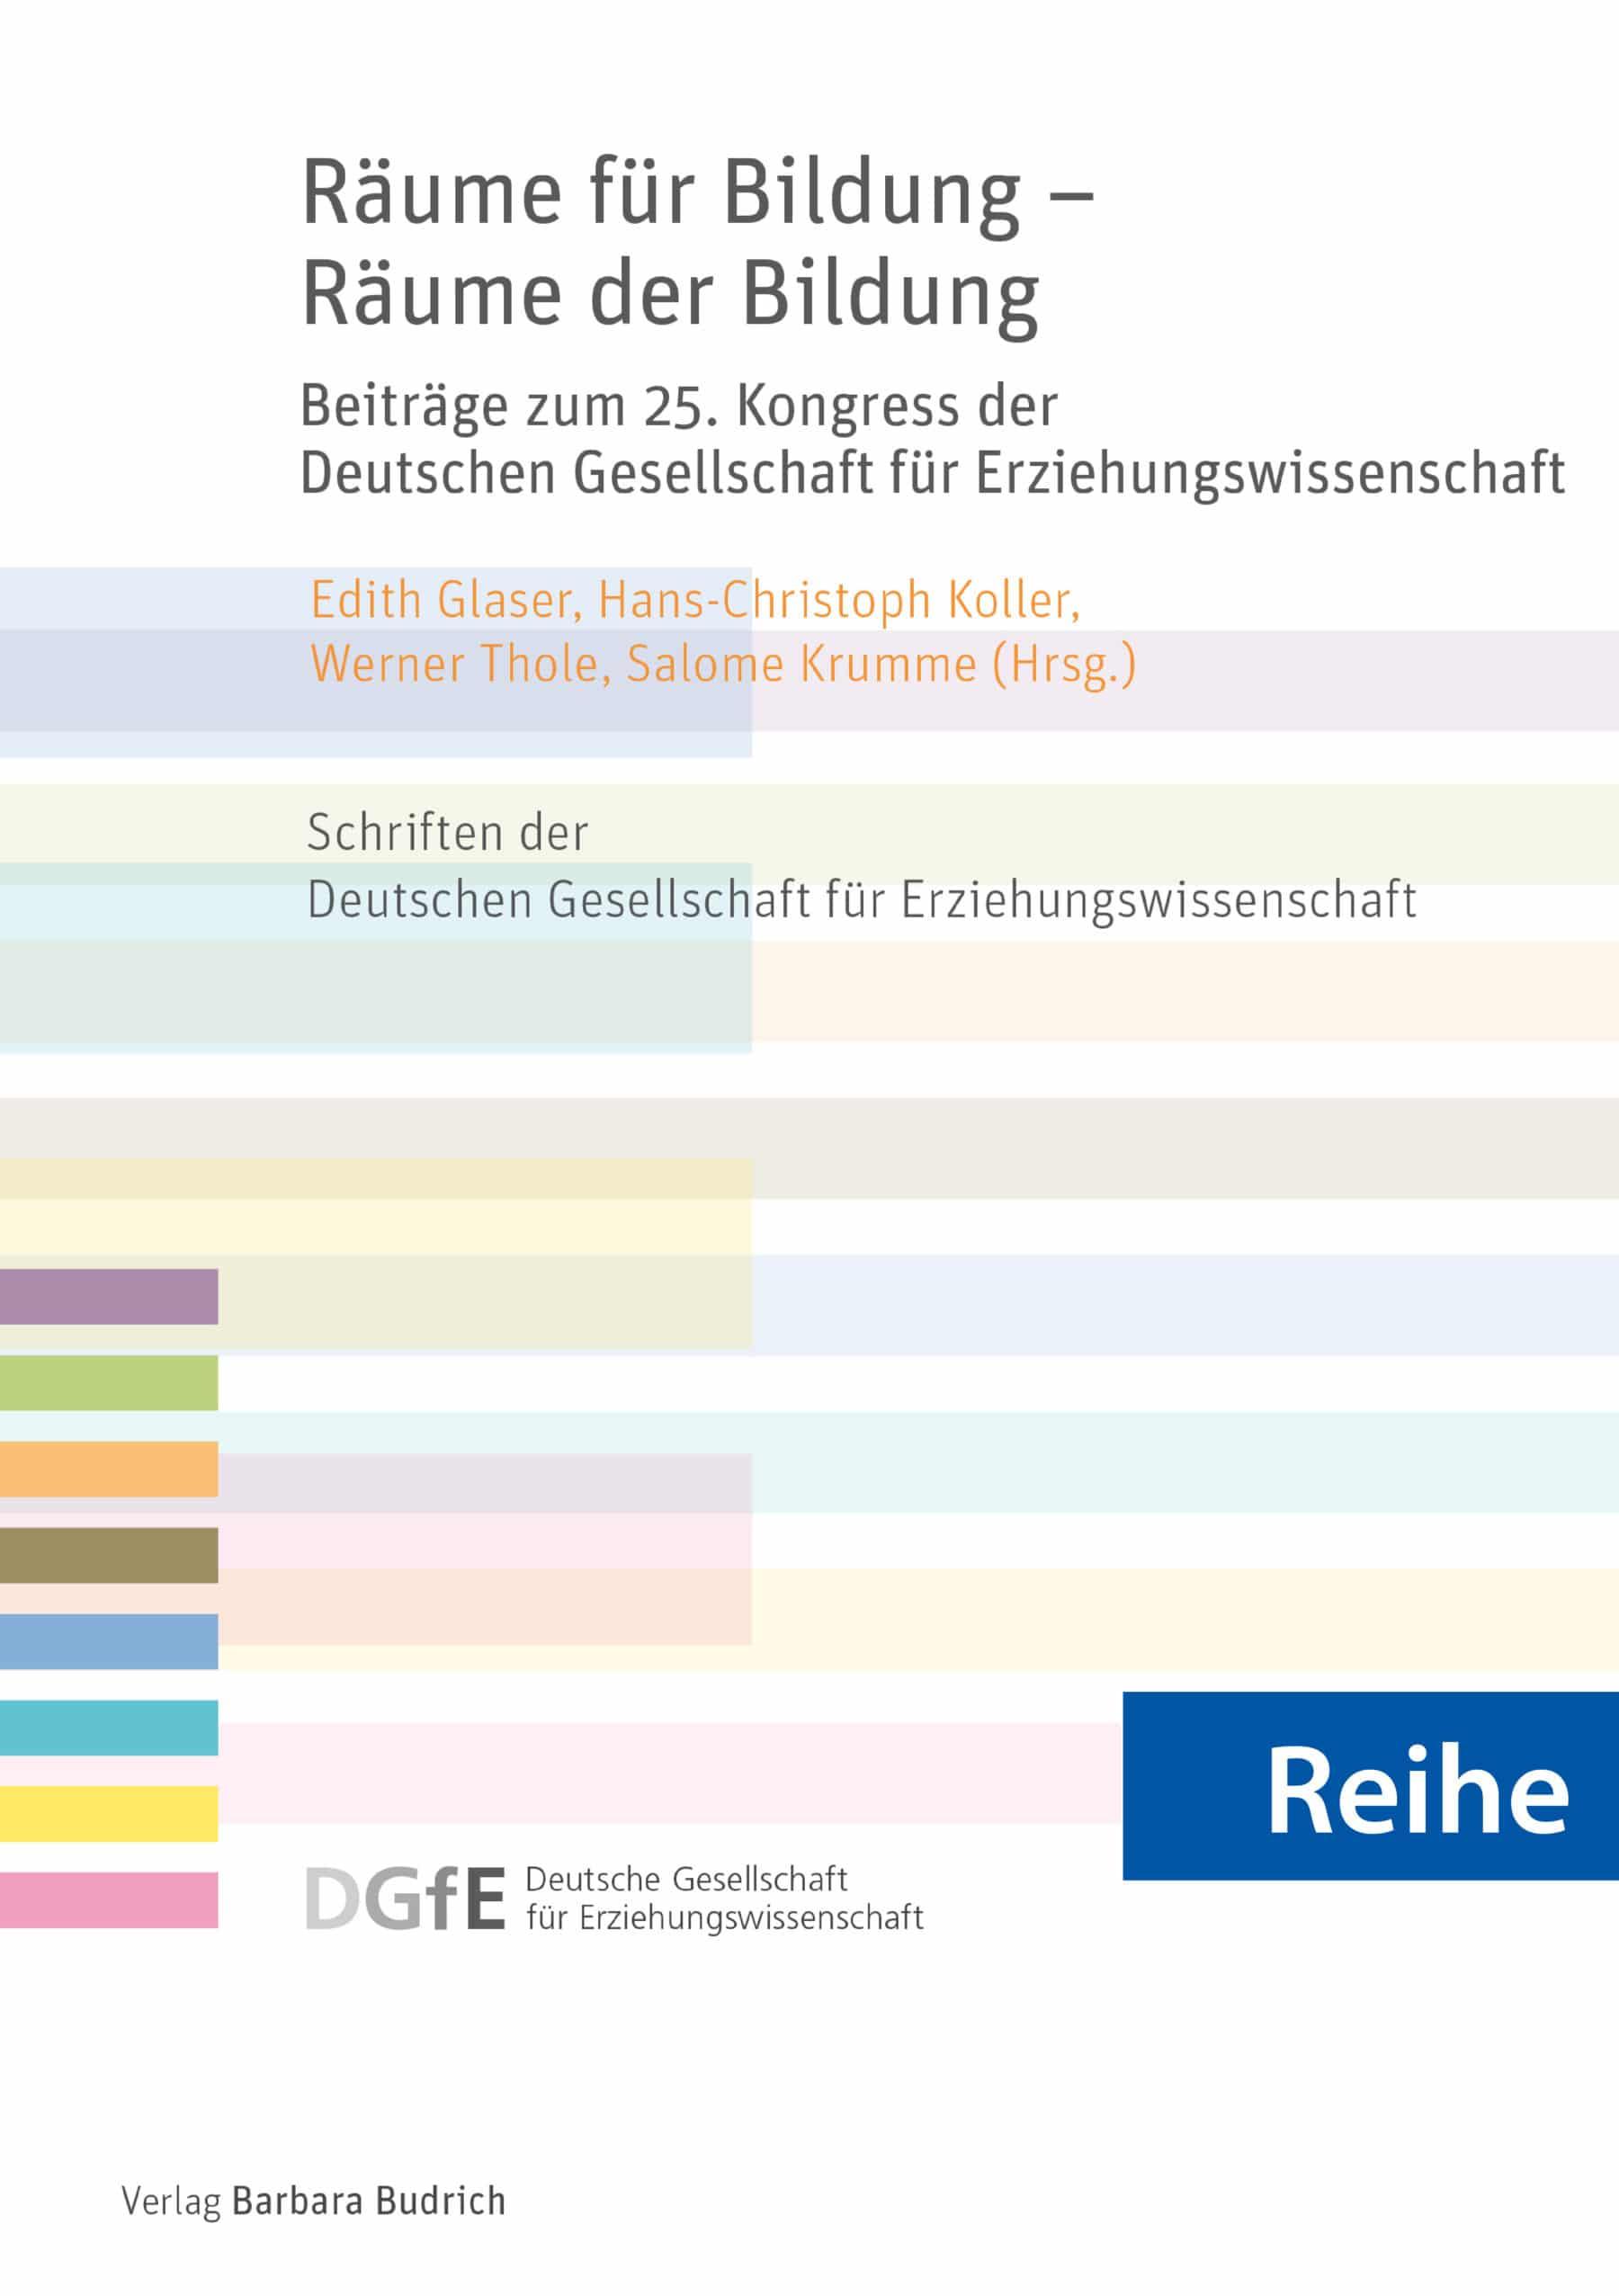 Reihe - Schriften der Deutschen Gesellschaft für Erziehungswissenschaft (DGfE)